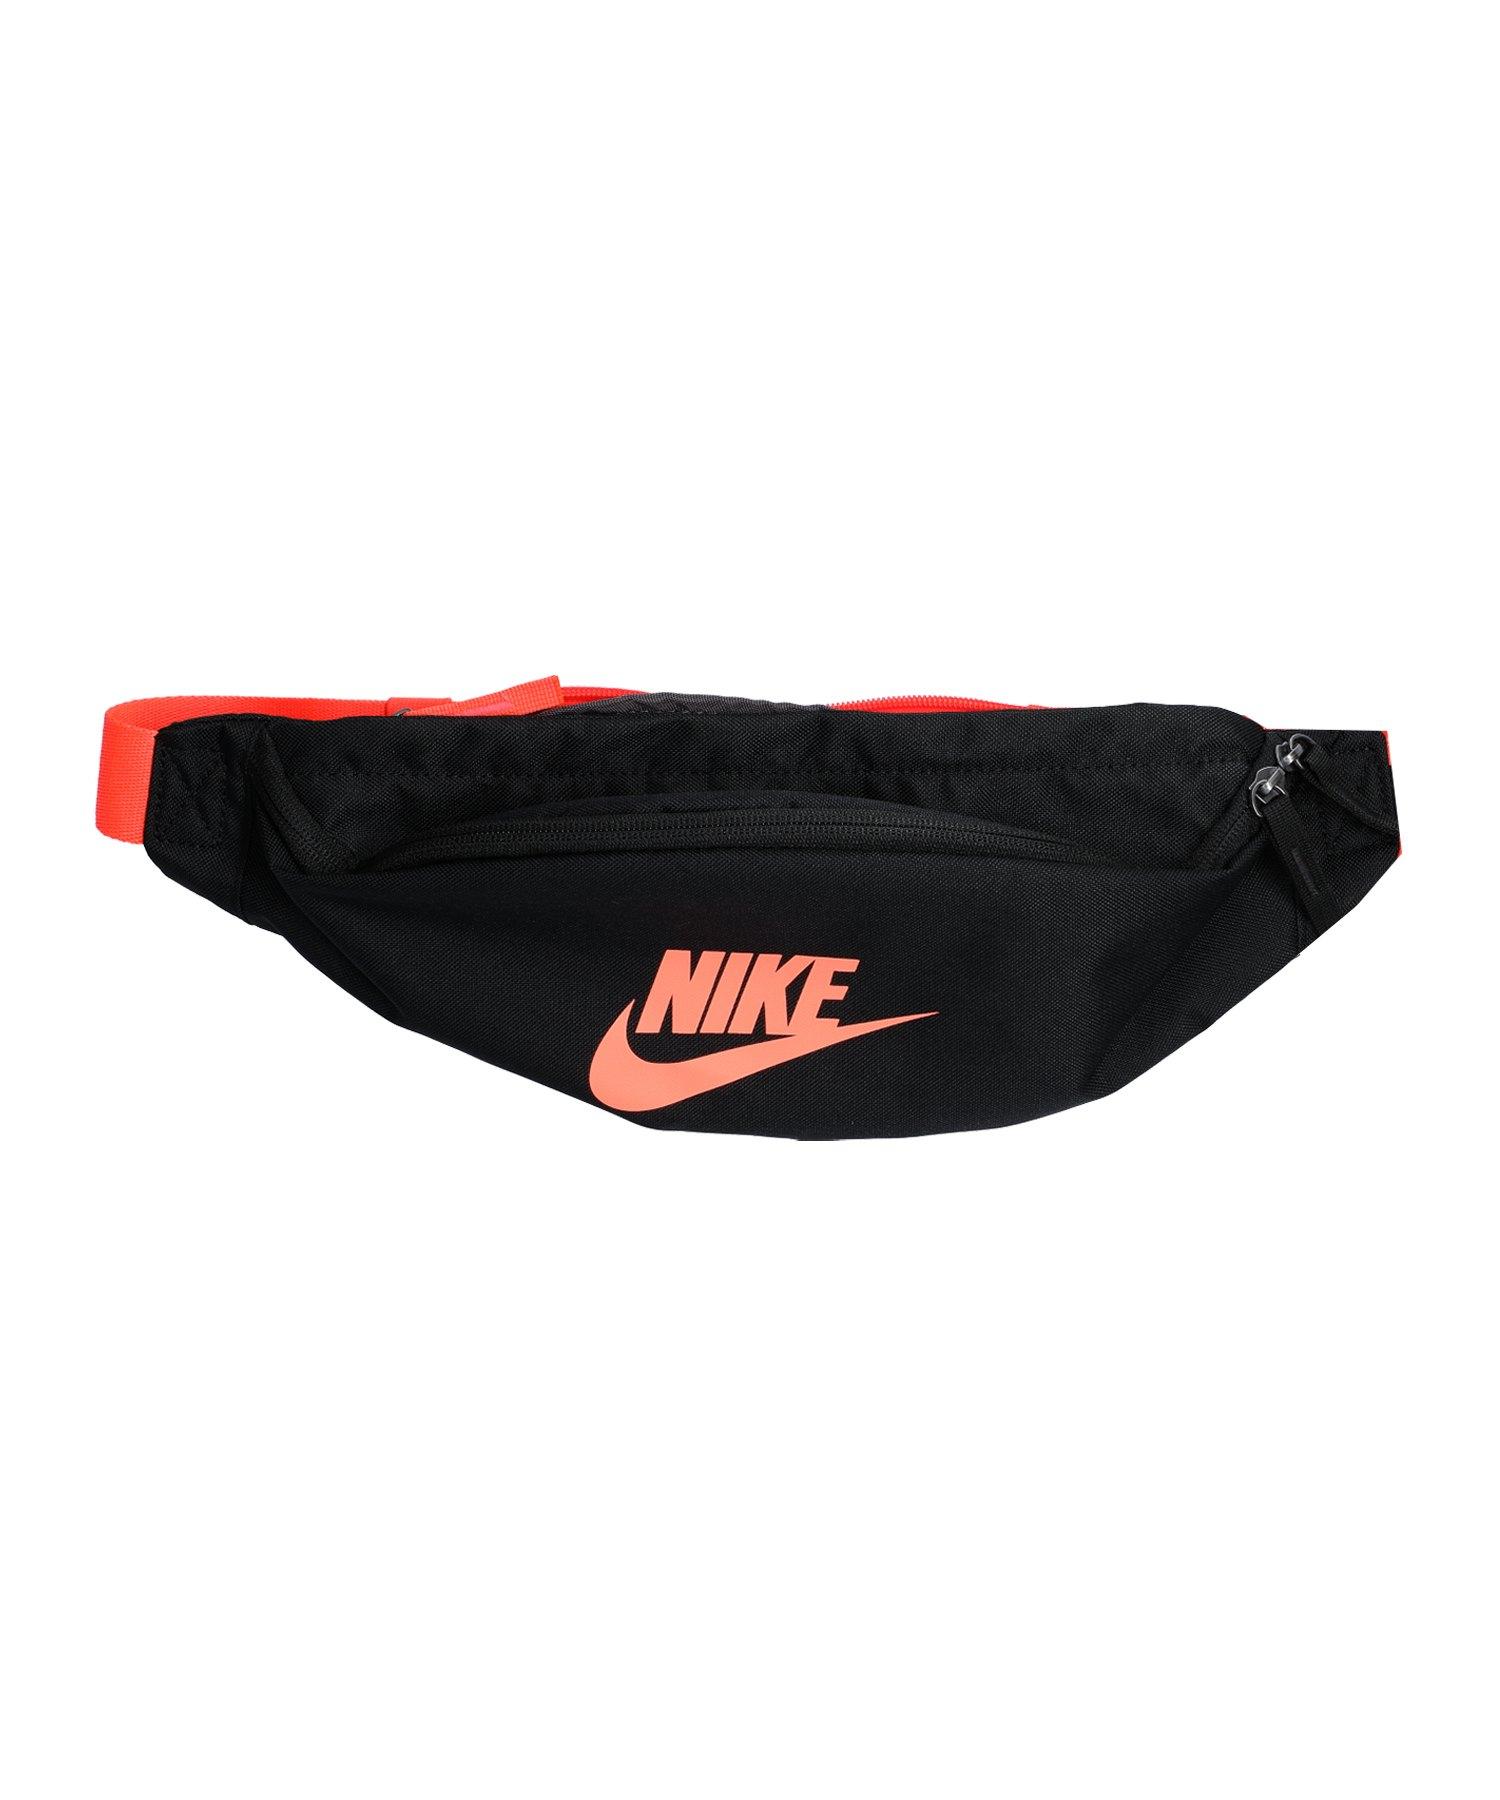 Nike Heritage Hip Pack Hüfttasche Schwarz F016 - schwarz